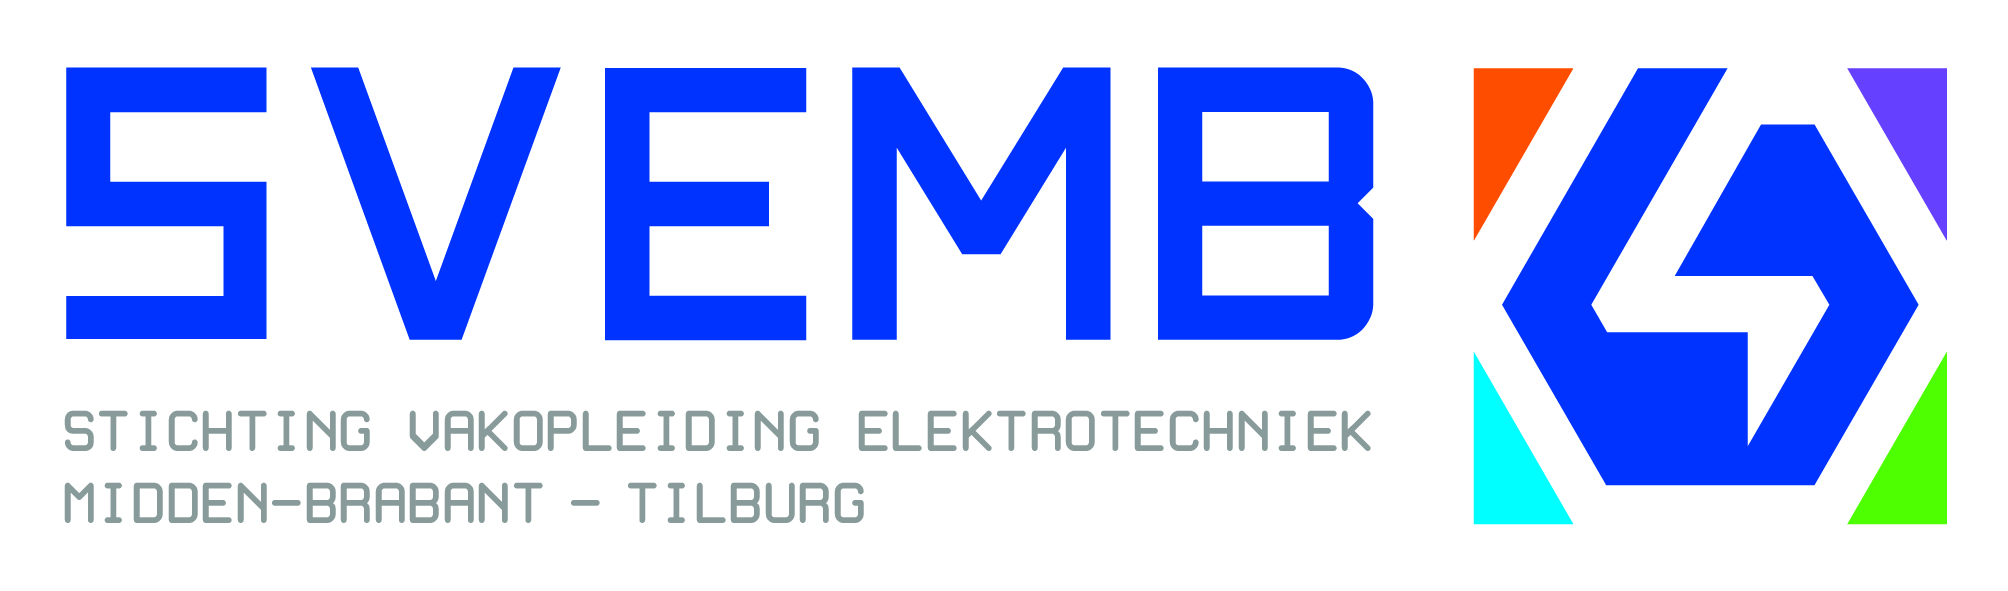 Stichting vakopleiding elektrotechniek midden-brabant